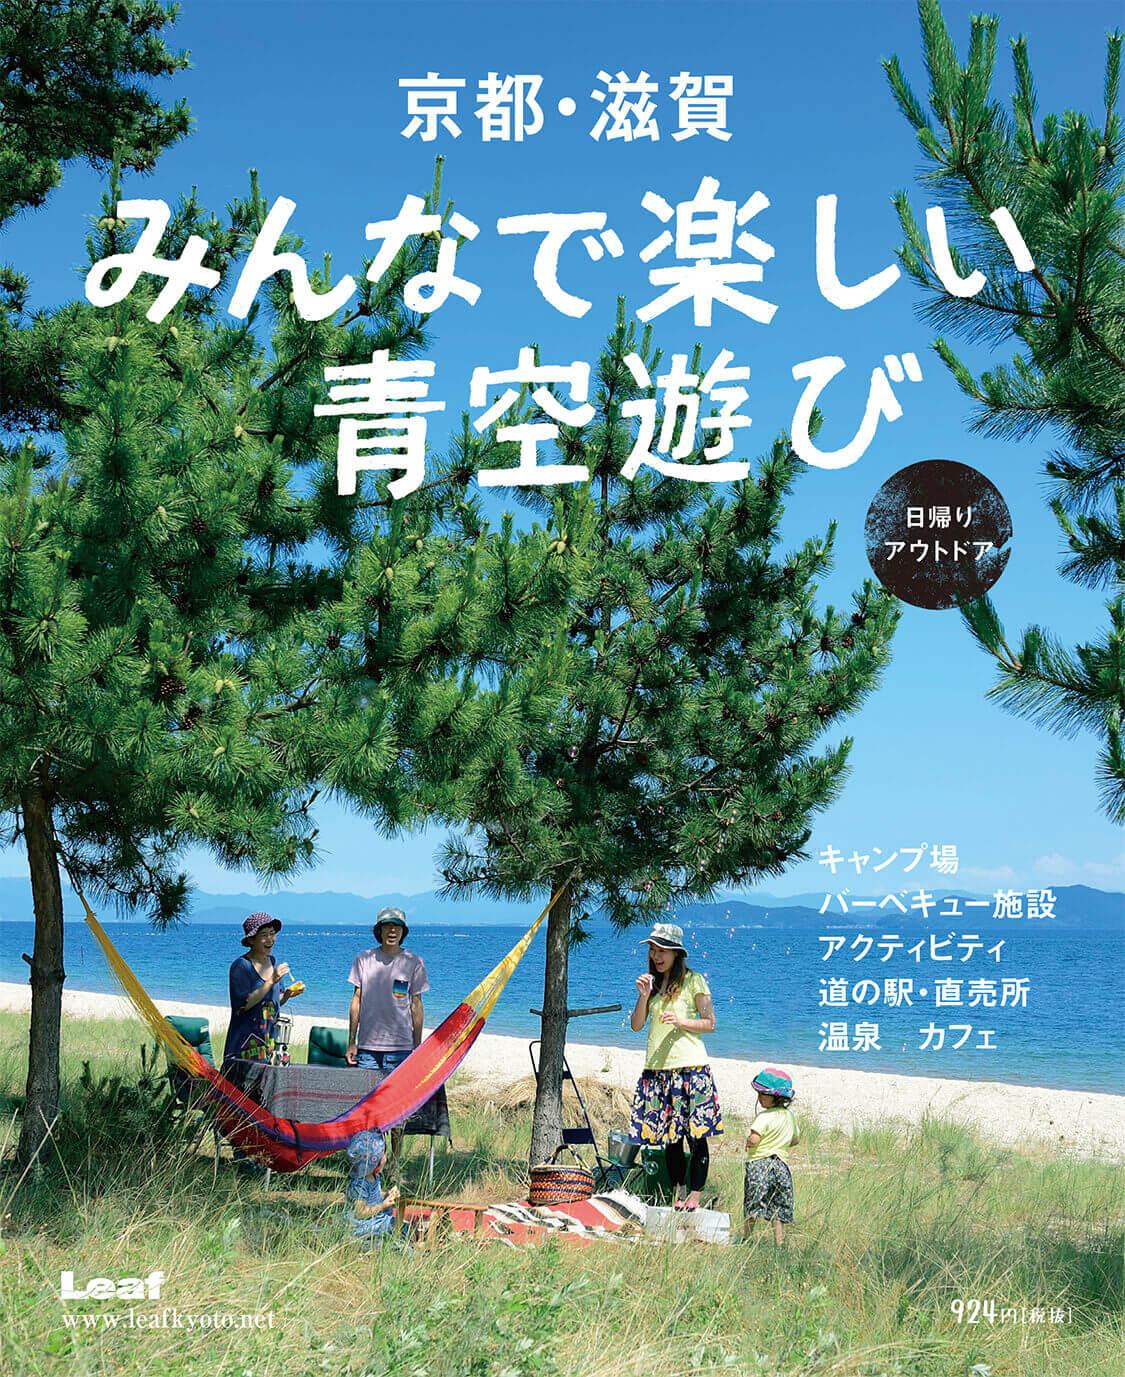 LeafMOOK - 【書籍】京都・滋賀 みんなで楽しい青空遊び